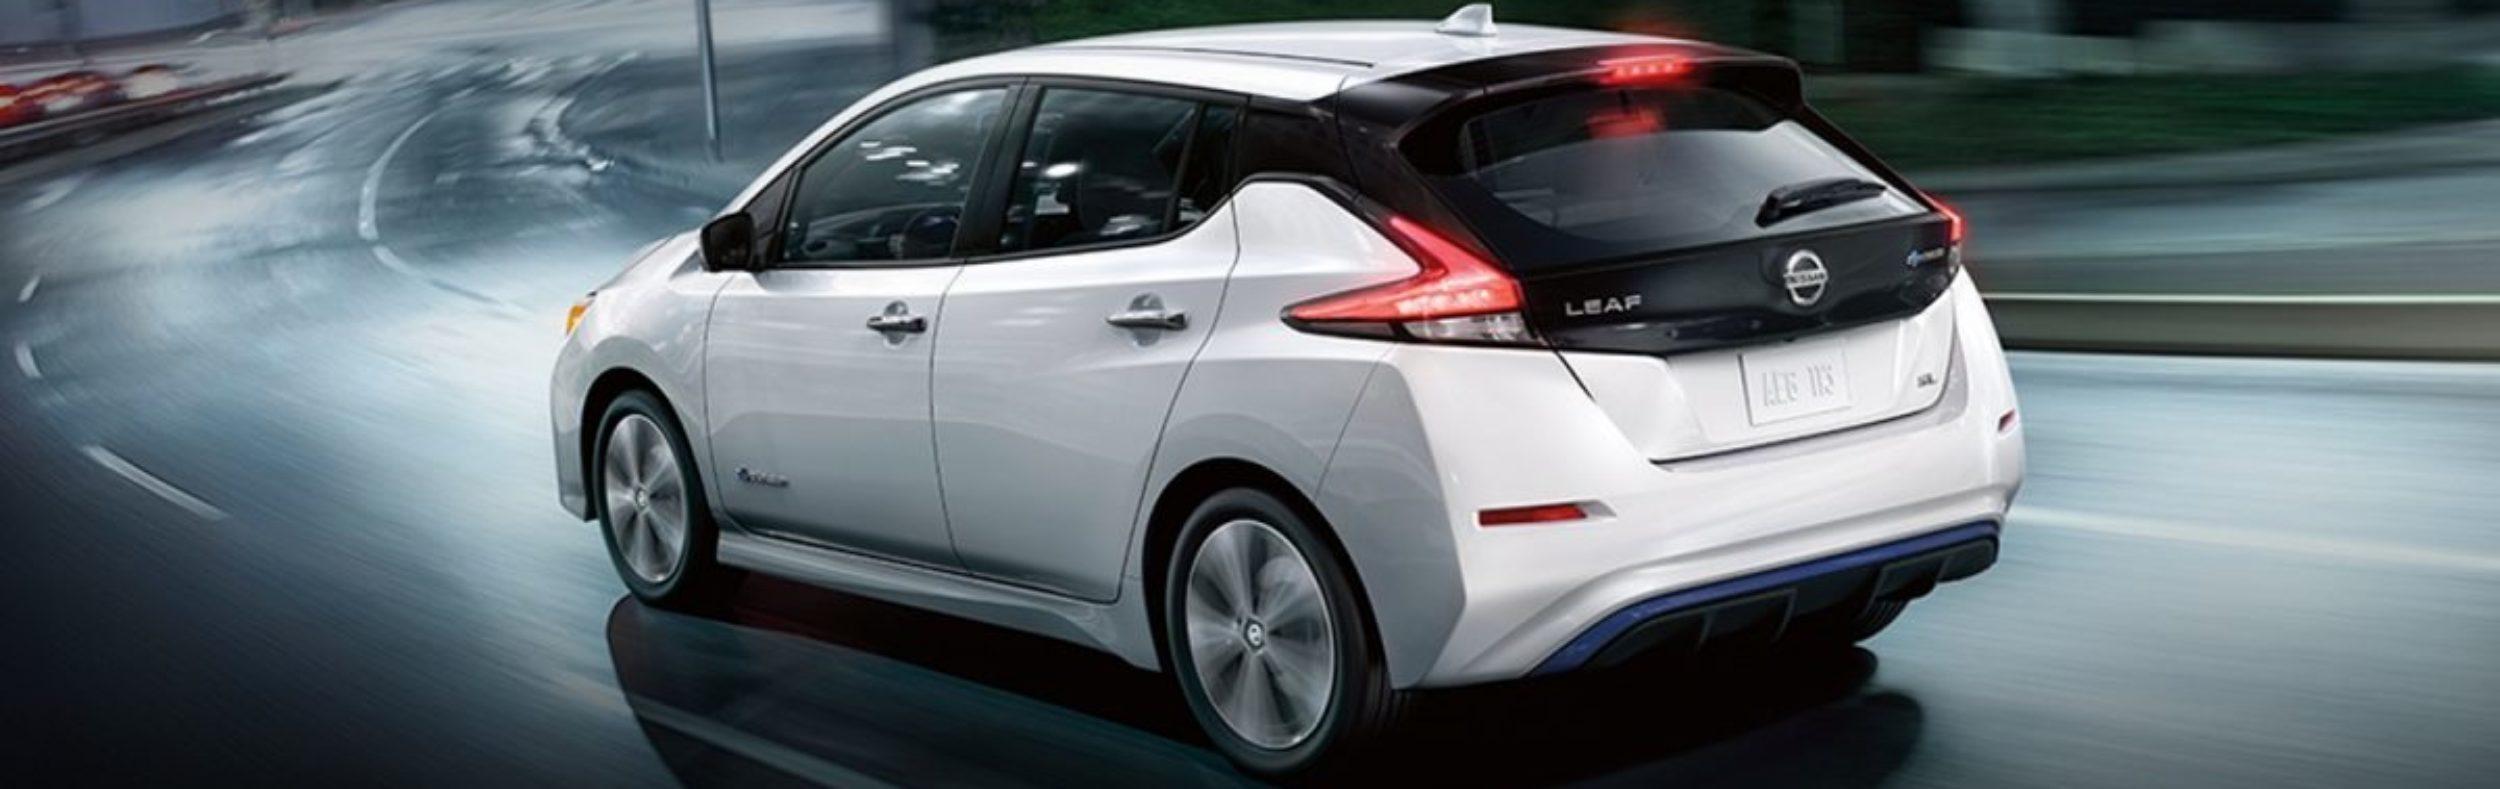 EV Cars – Electric Vehicles NZ